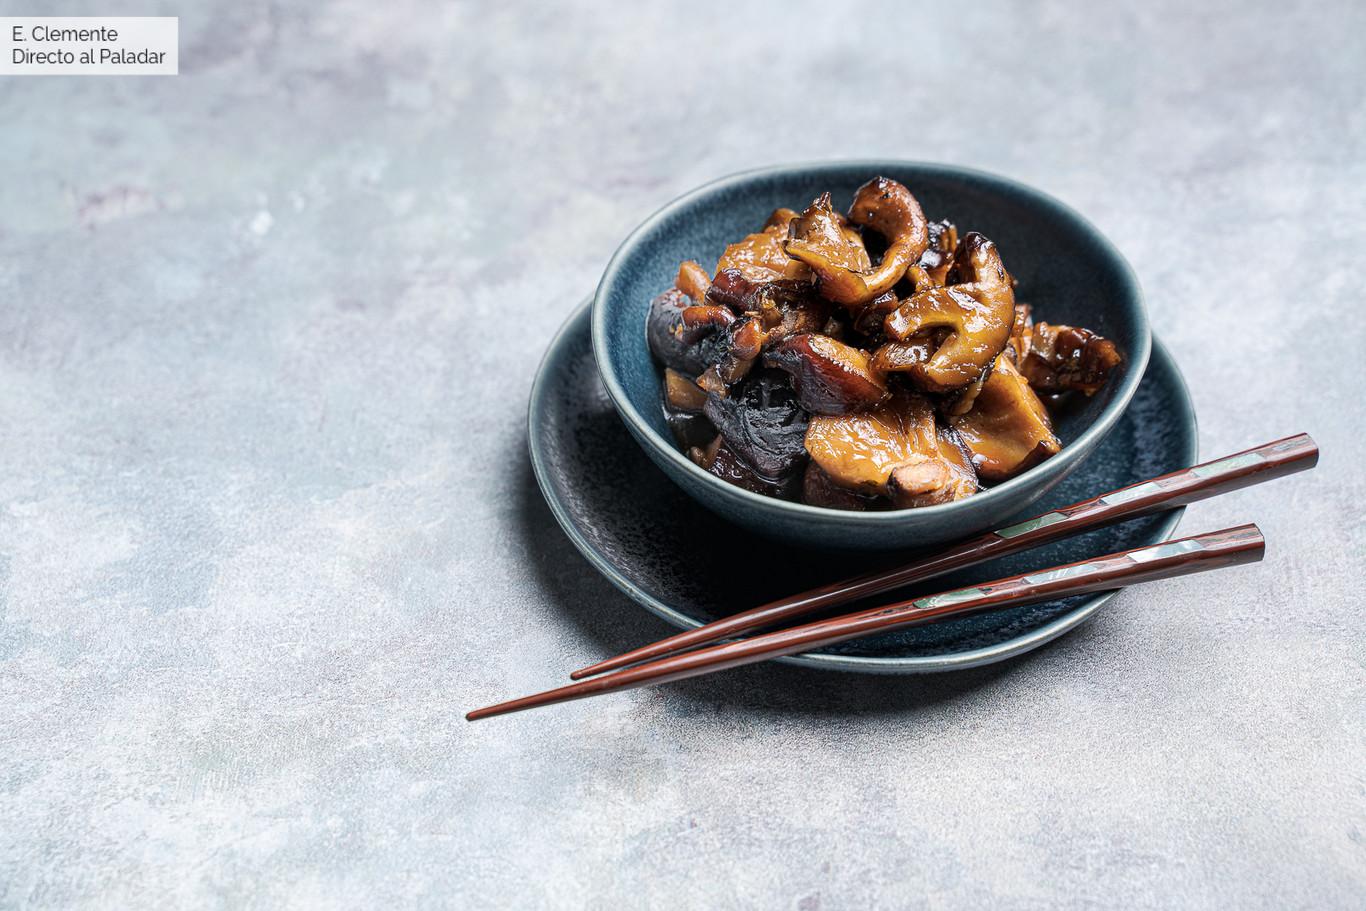 Setas shiitake caramelizadas en salsa de soja: receta de guarnición al estilo asiático